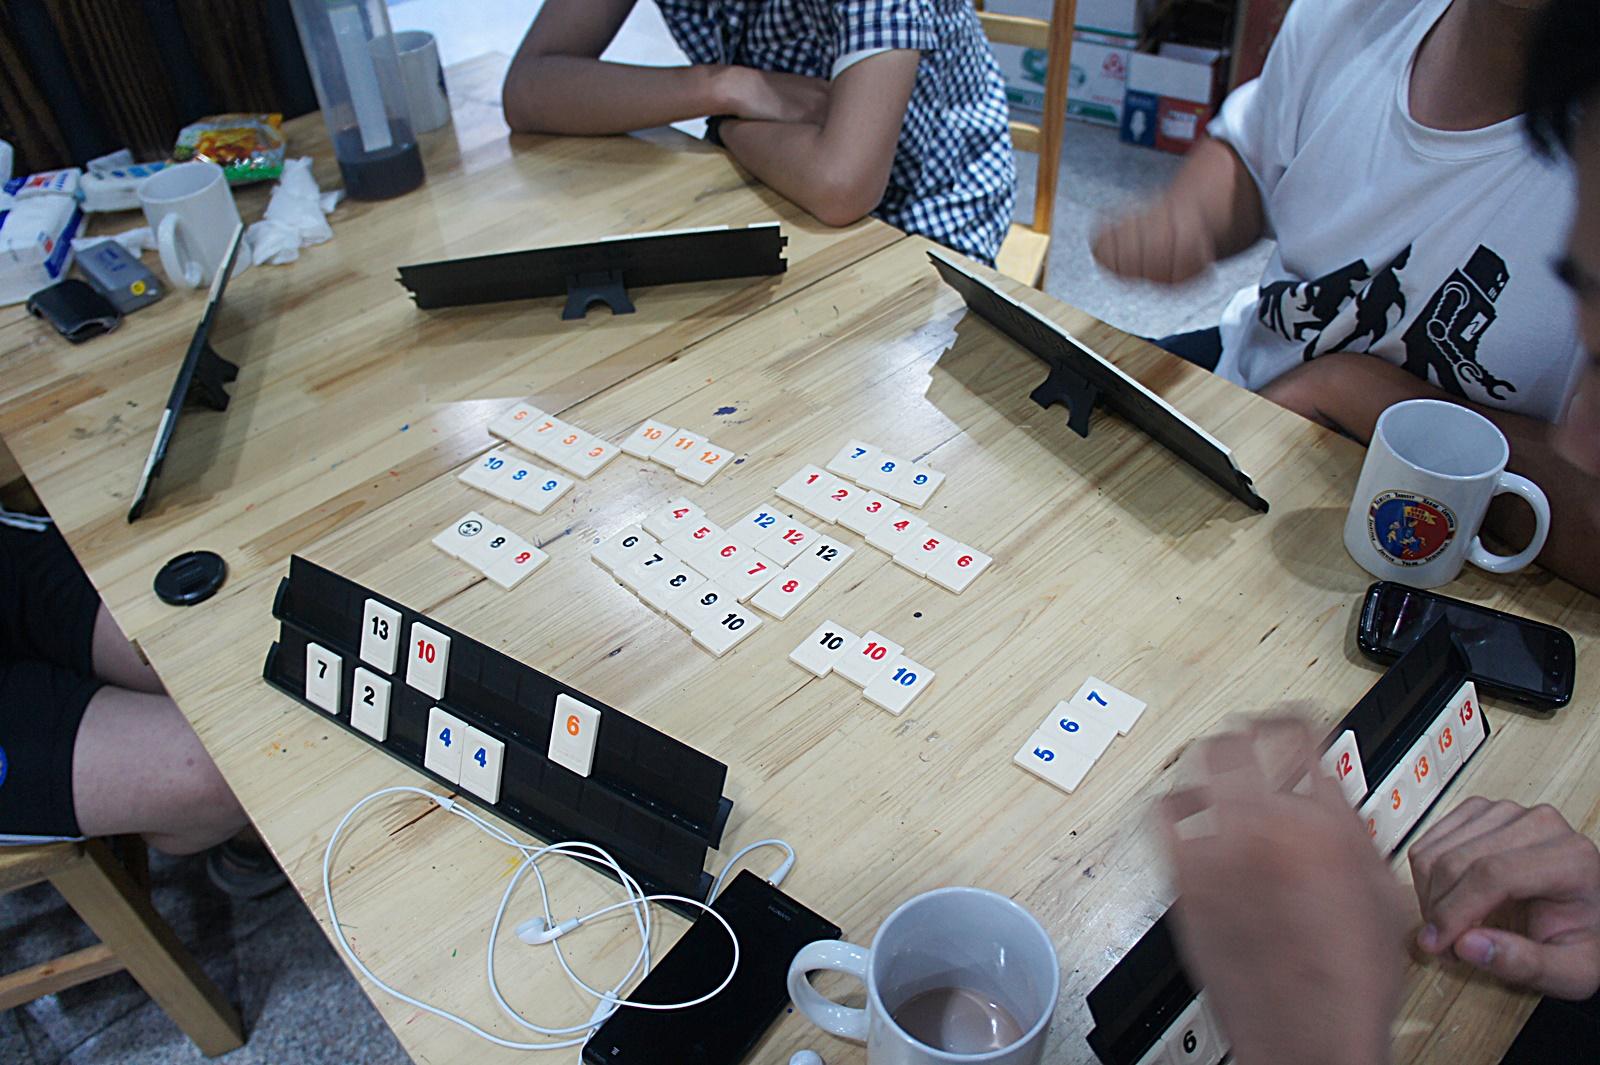 루미큐브 게임 장면 1